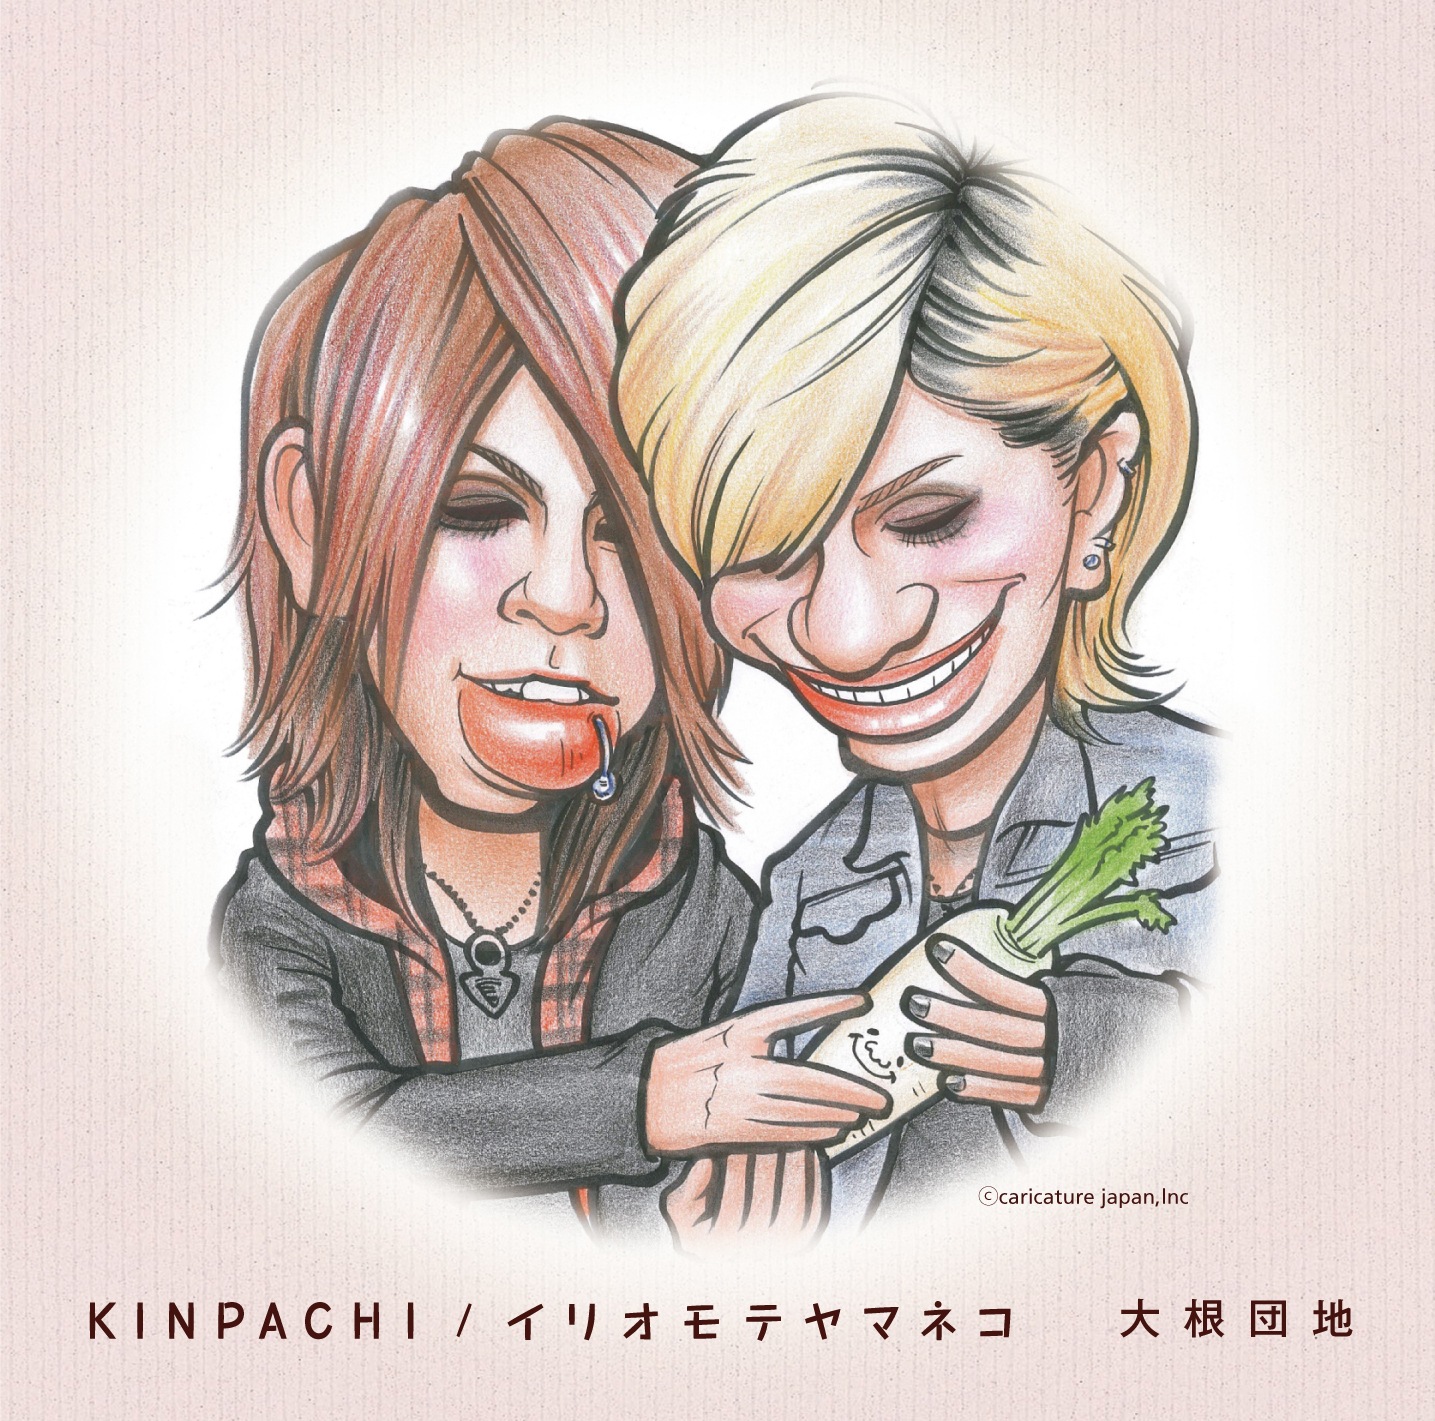 【大根団地グッズ】シングル「KINPACHI/イリオモテヤマネコ」